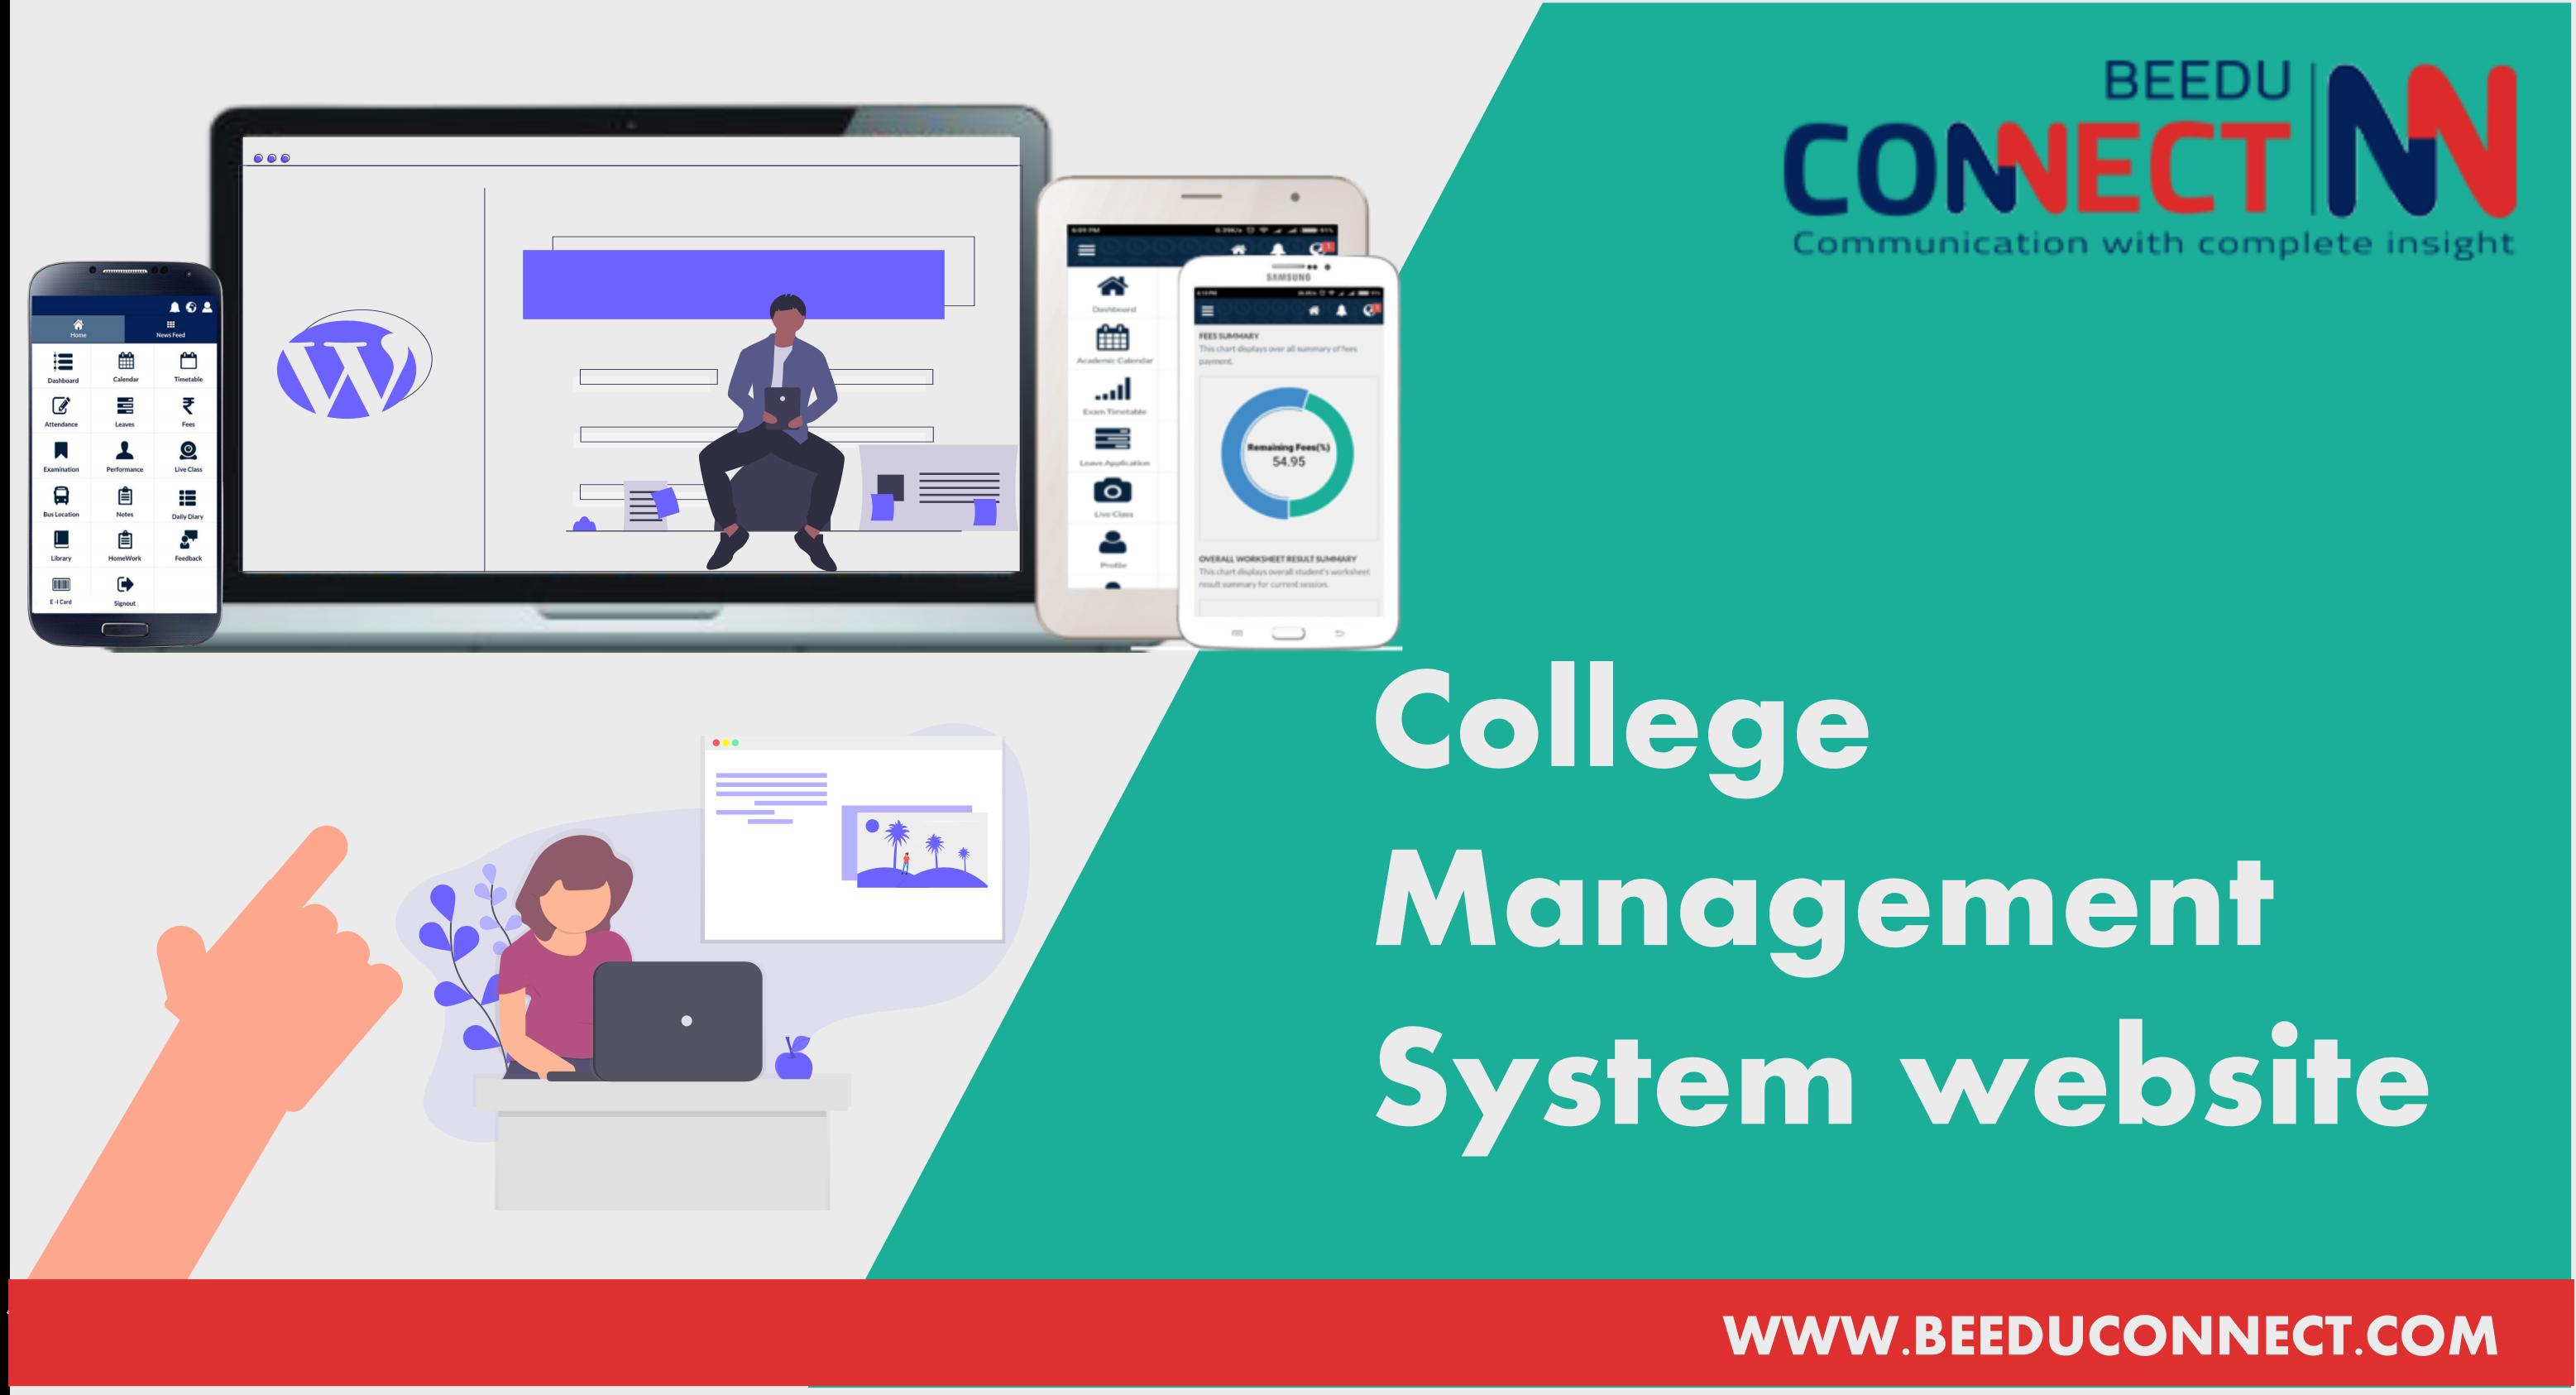 College management system website